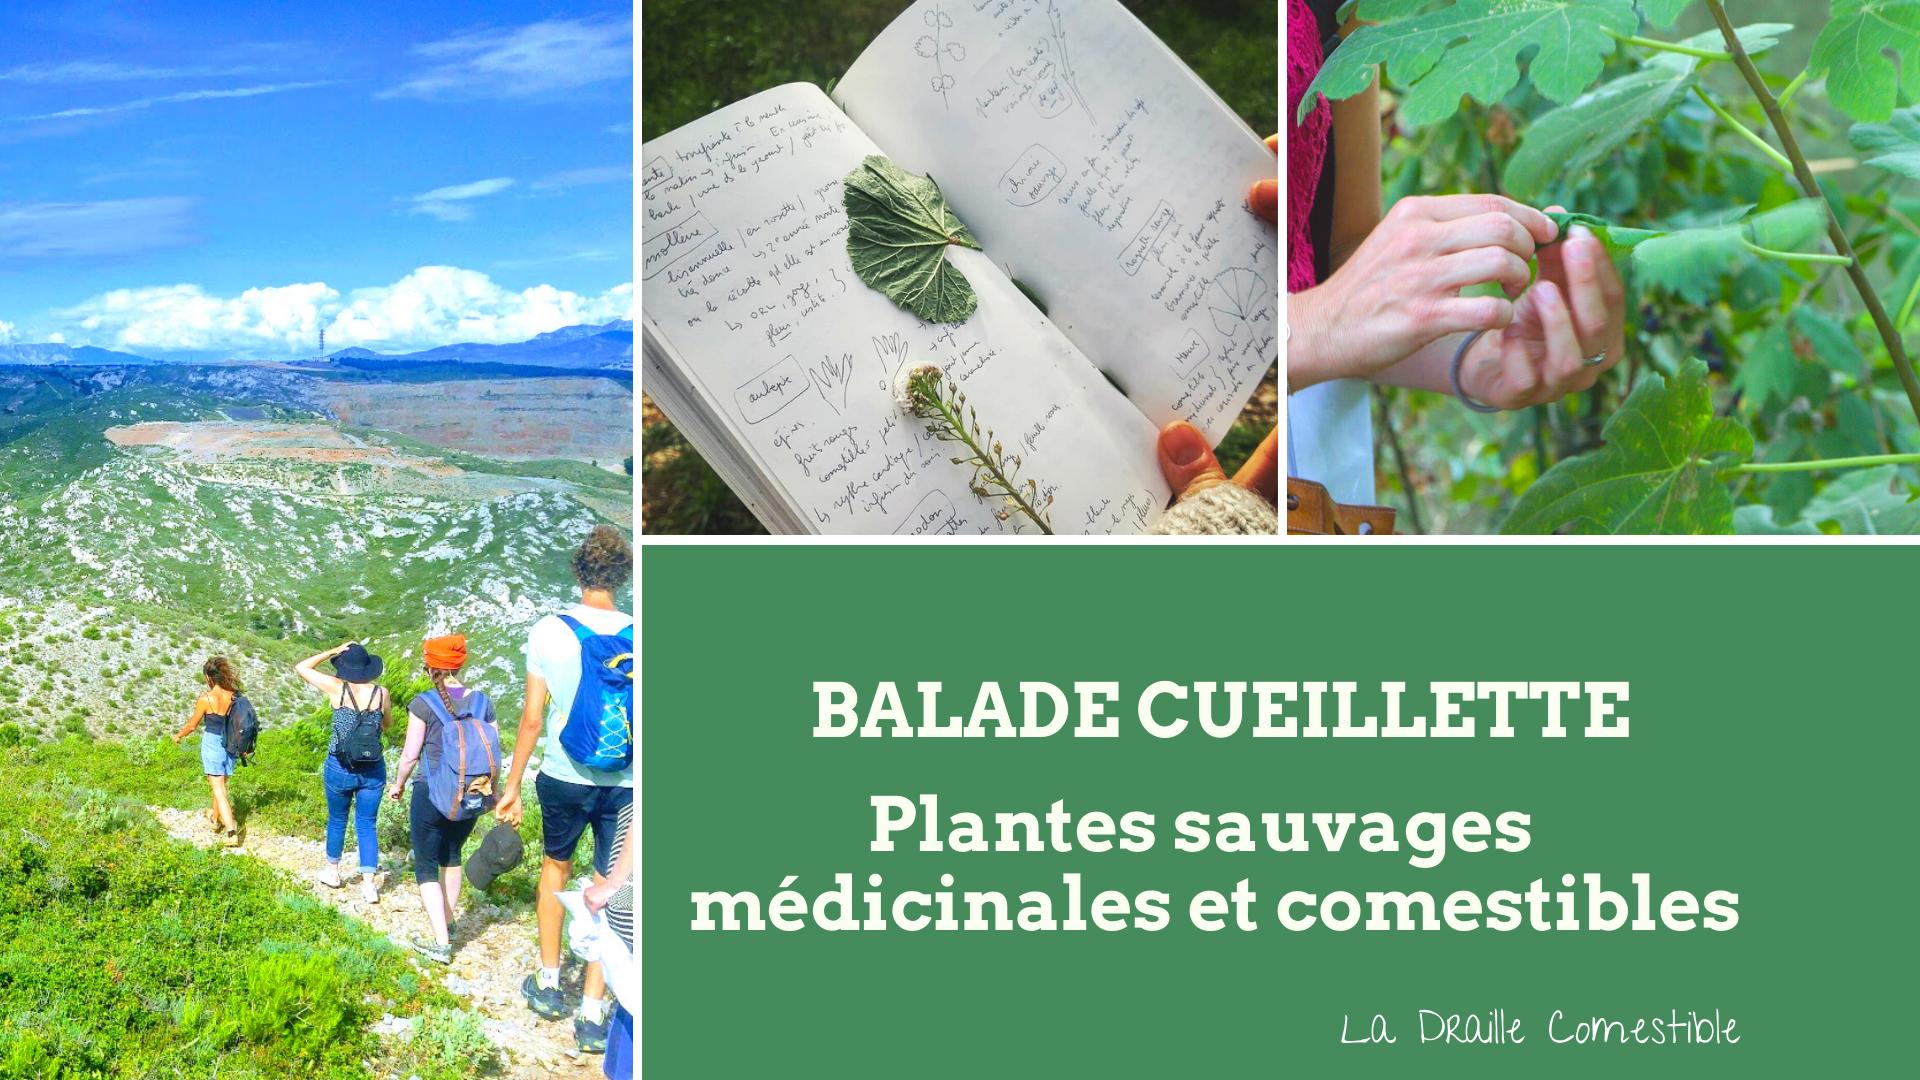 Balade découverte des plantes sauvages comestibles et médicinales et cueillette